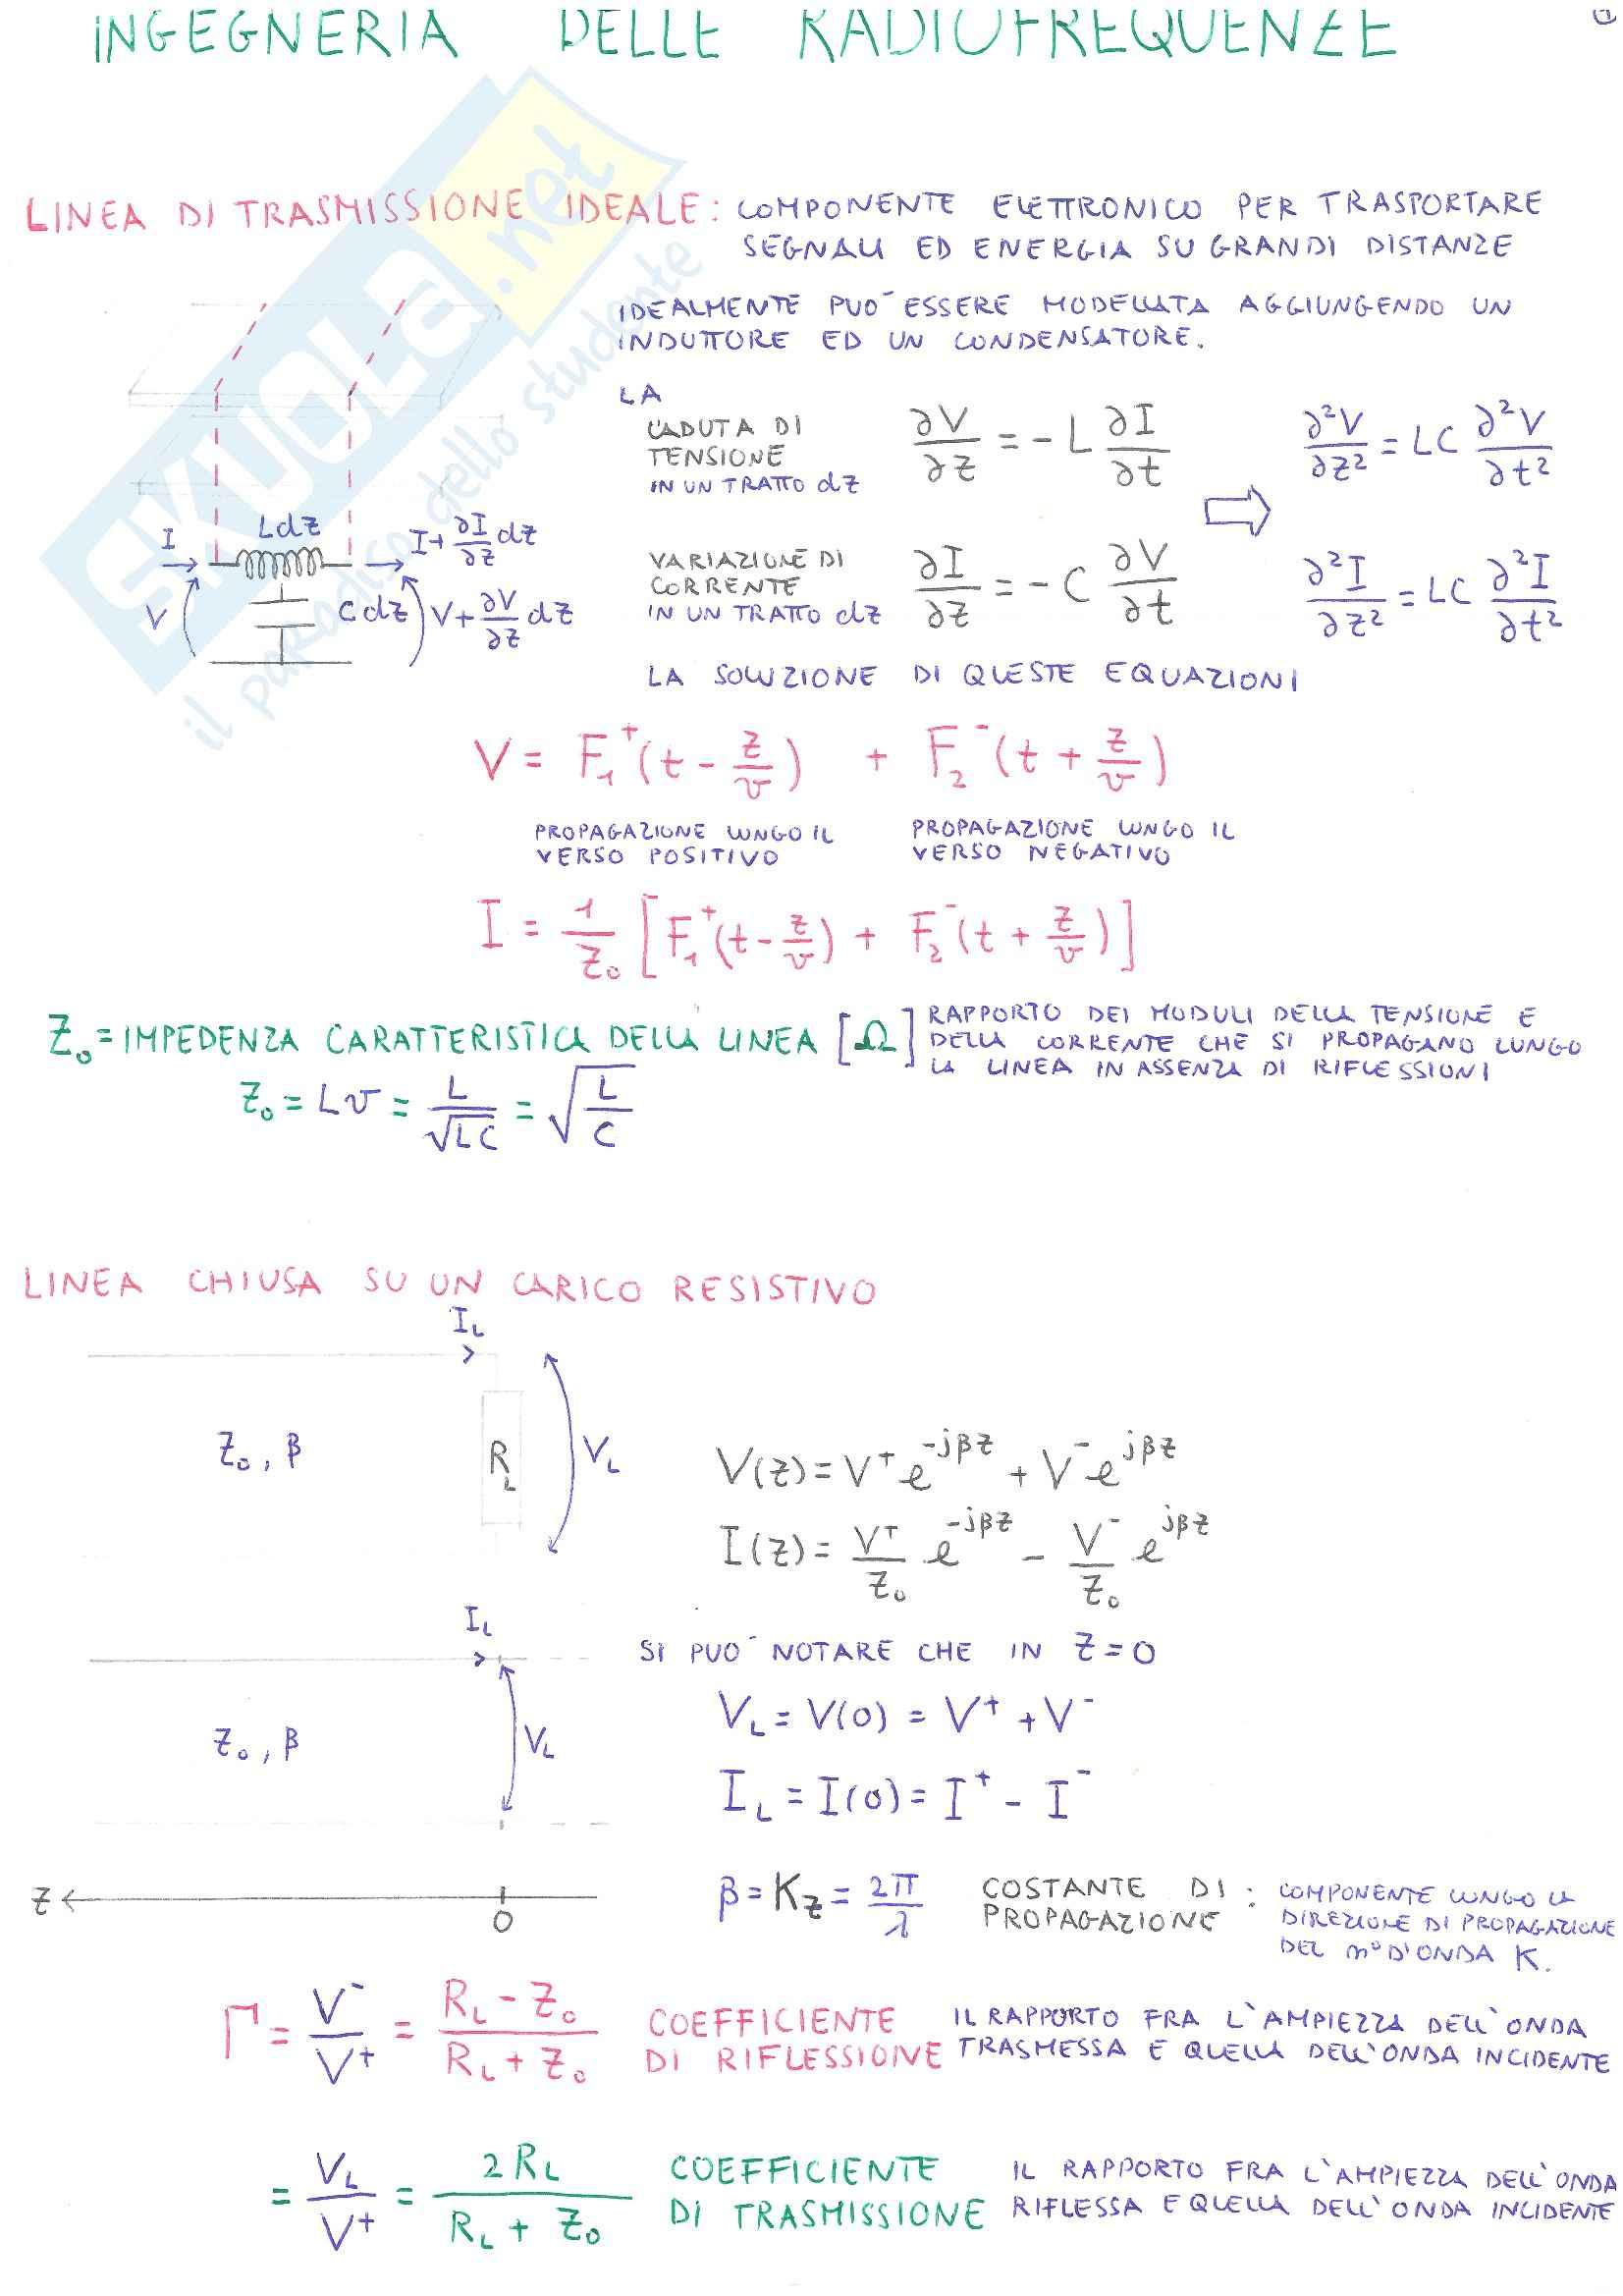 Lezioni, Ingegneria Delle Radiofrequenze